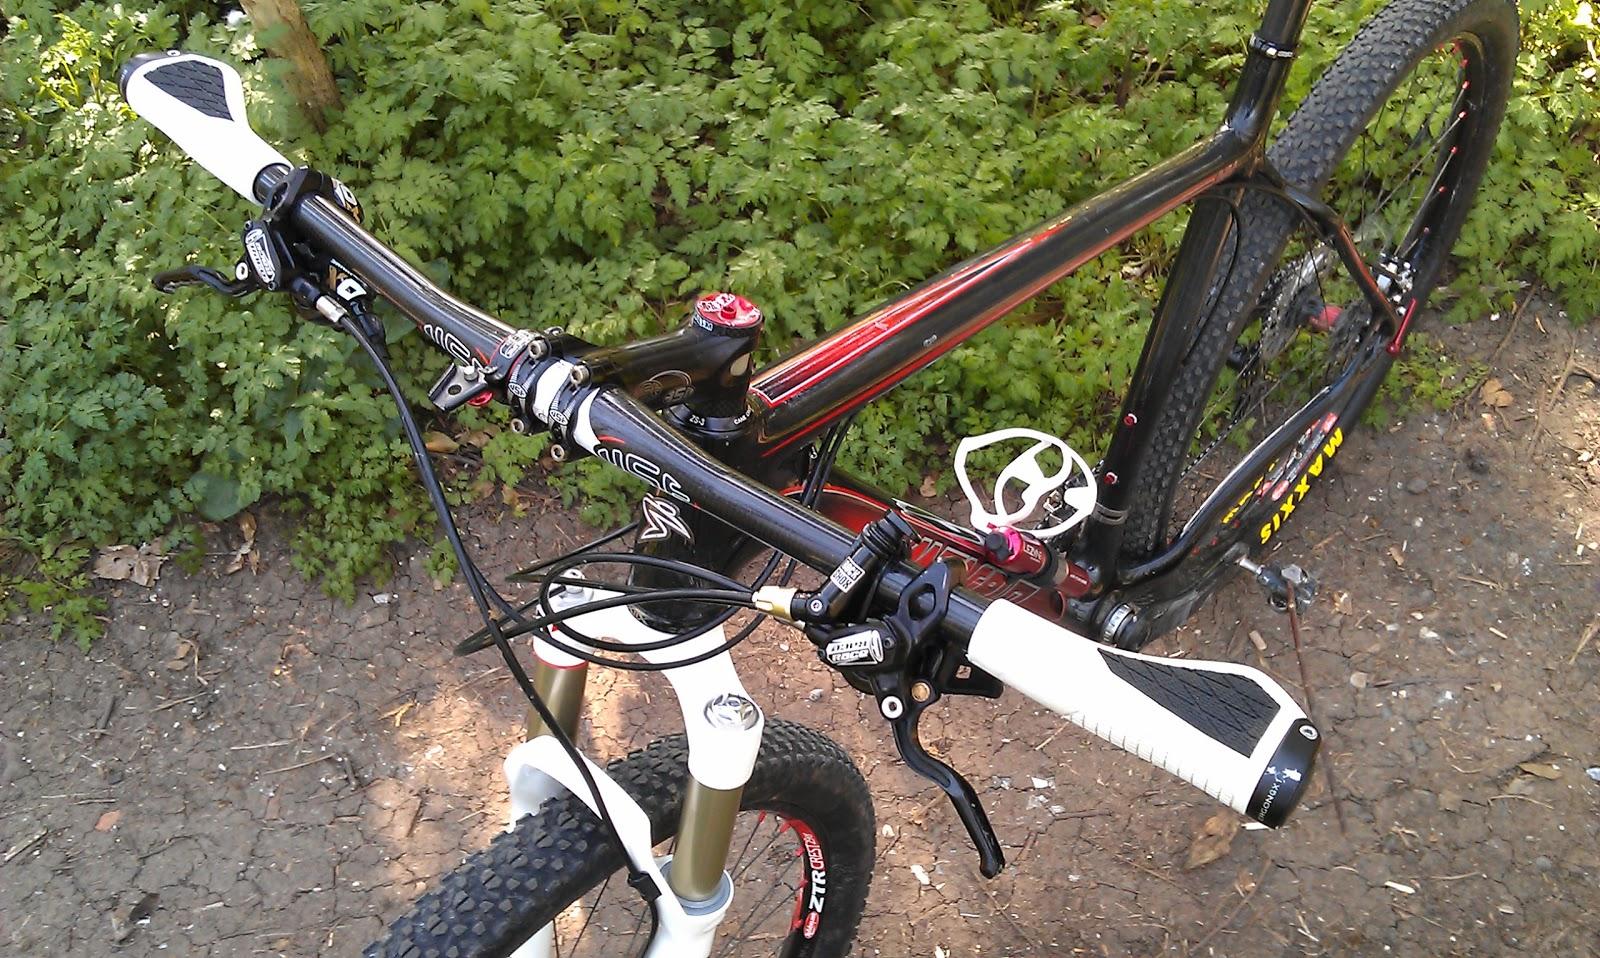 Bigrobracingcouk 2012 Race Bike 2 Santa Cruz Highball Handlebar Set Raceface Carbon Next Flat Bar Wide Arent They Theyre Fun Too